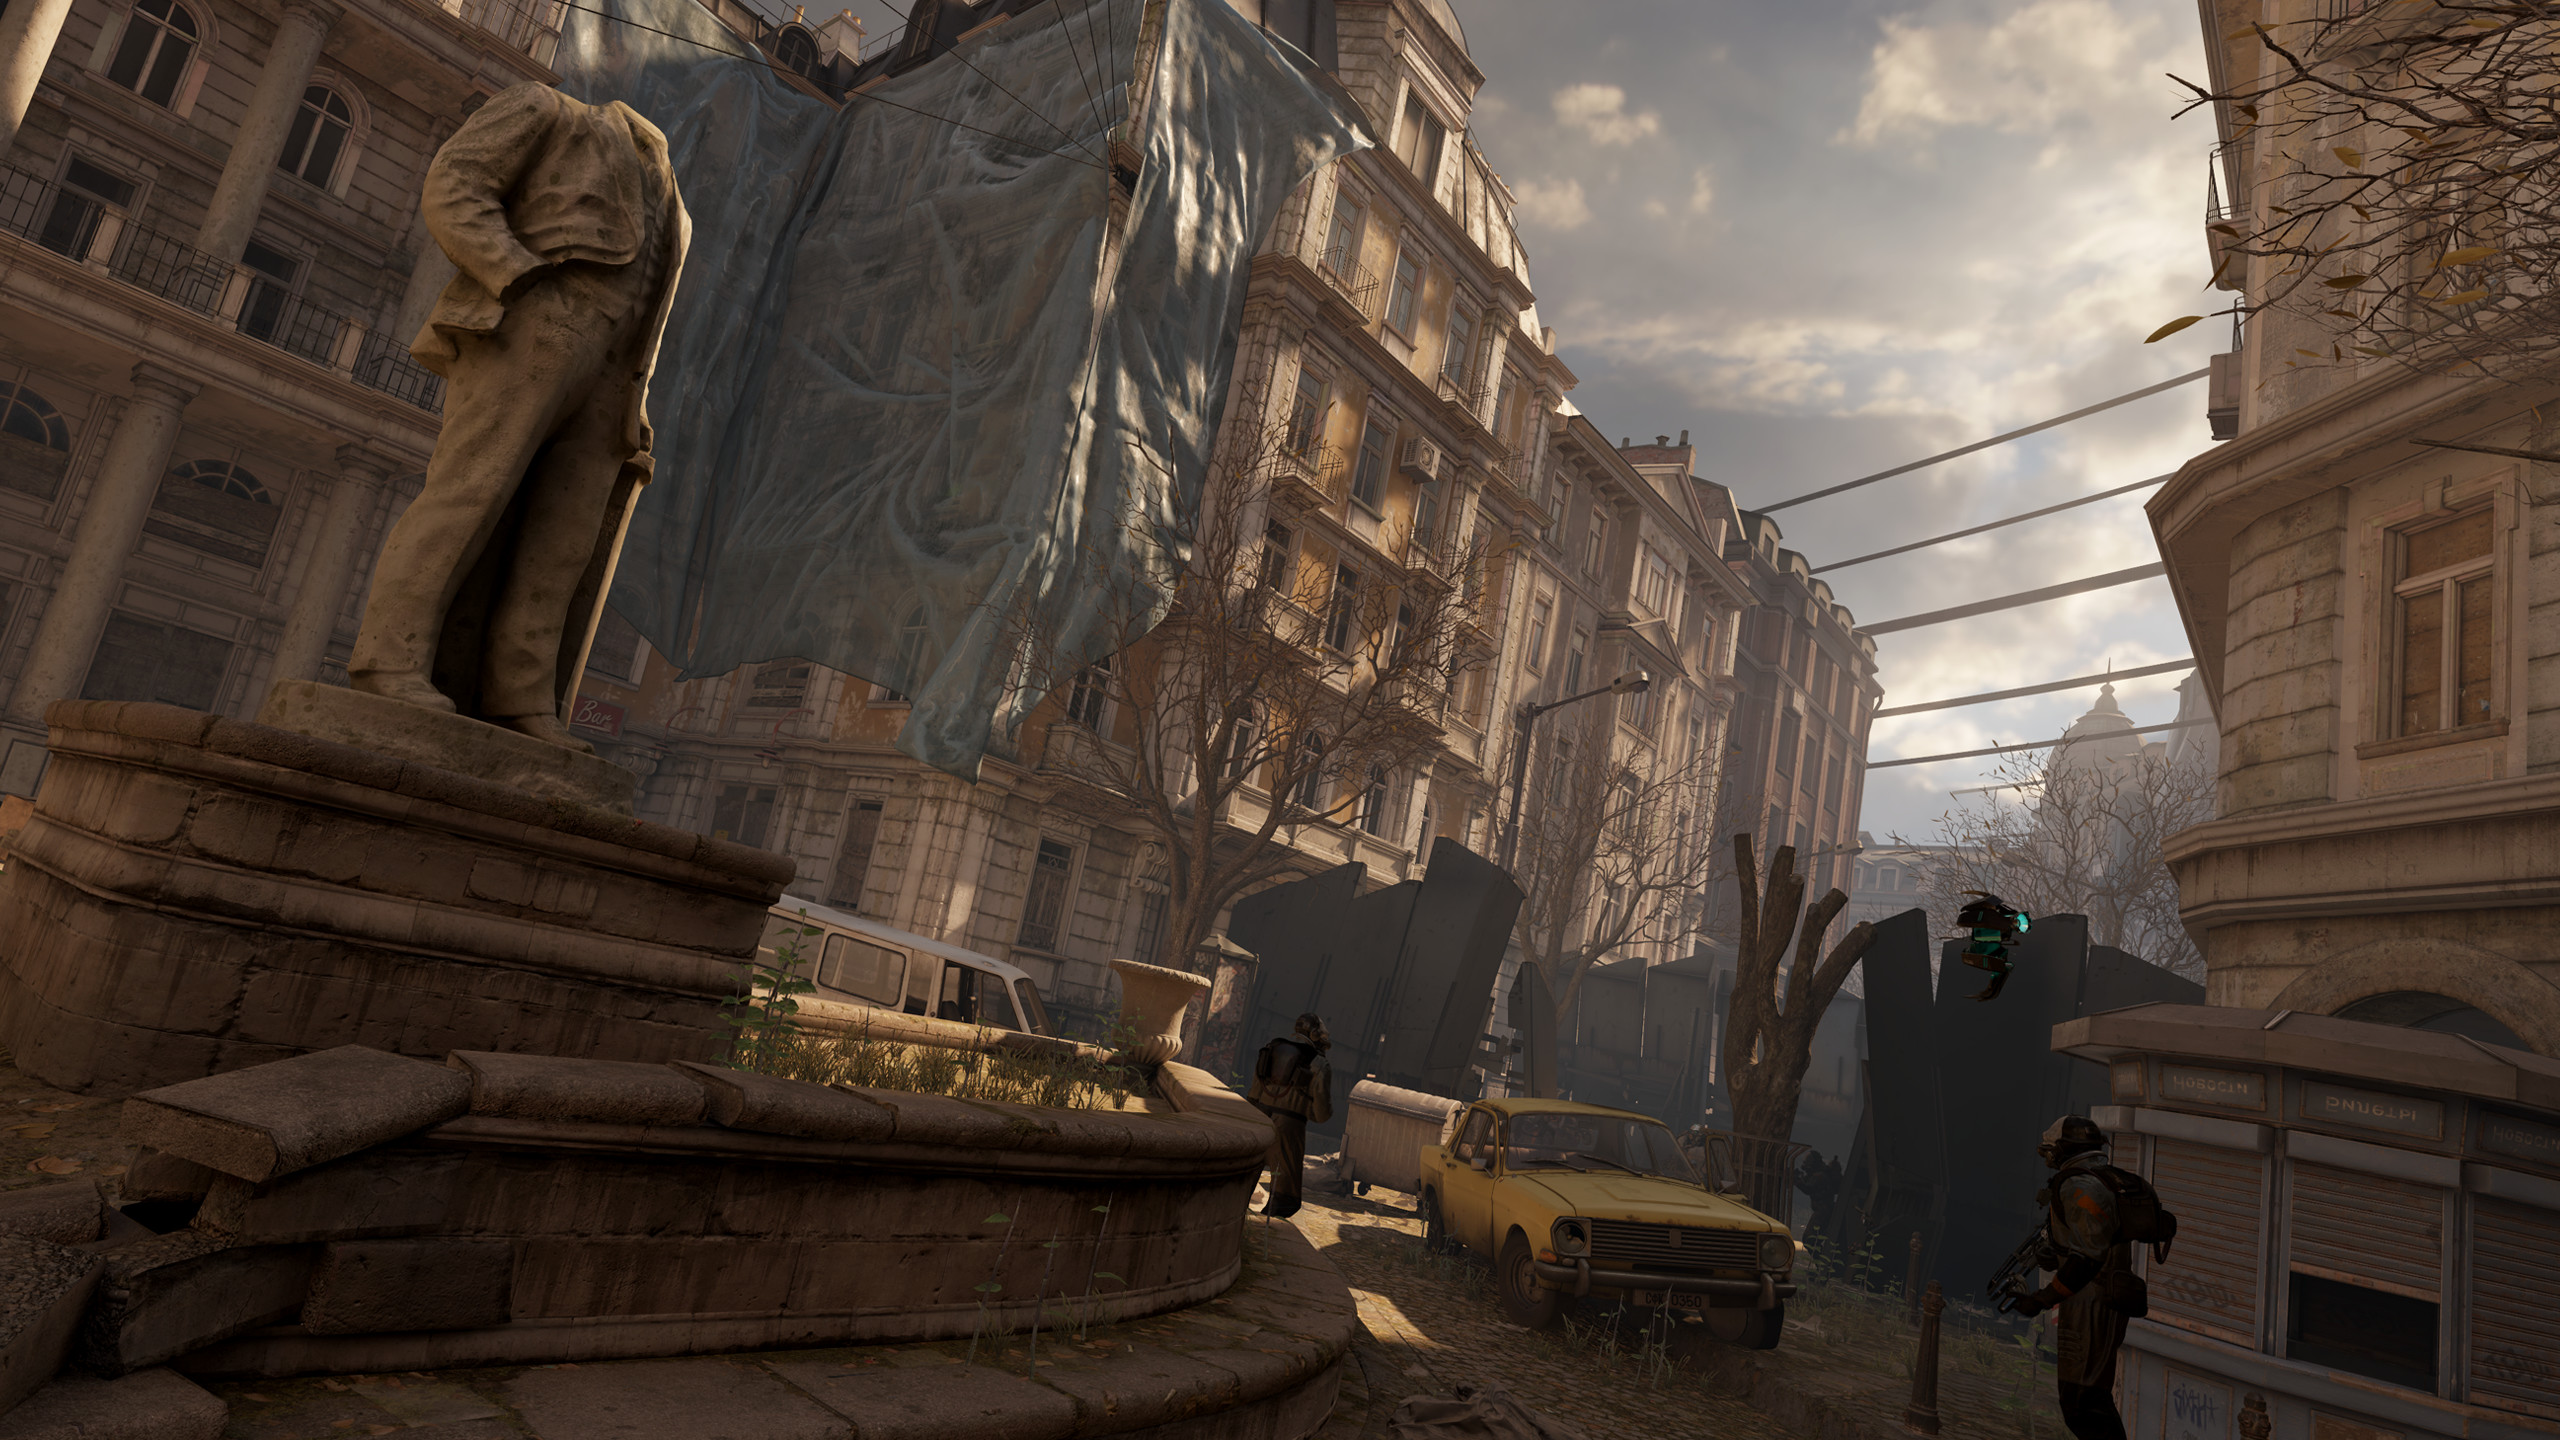 Первый тизер Half-Life: Alyx —VR-приквела Half-Life 2 5